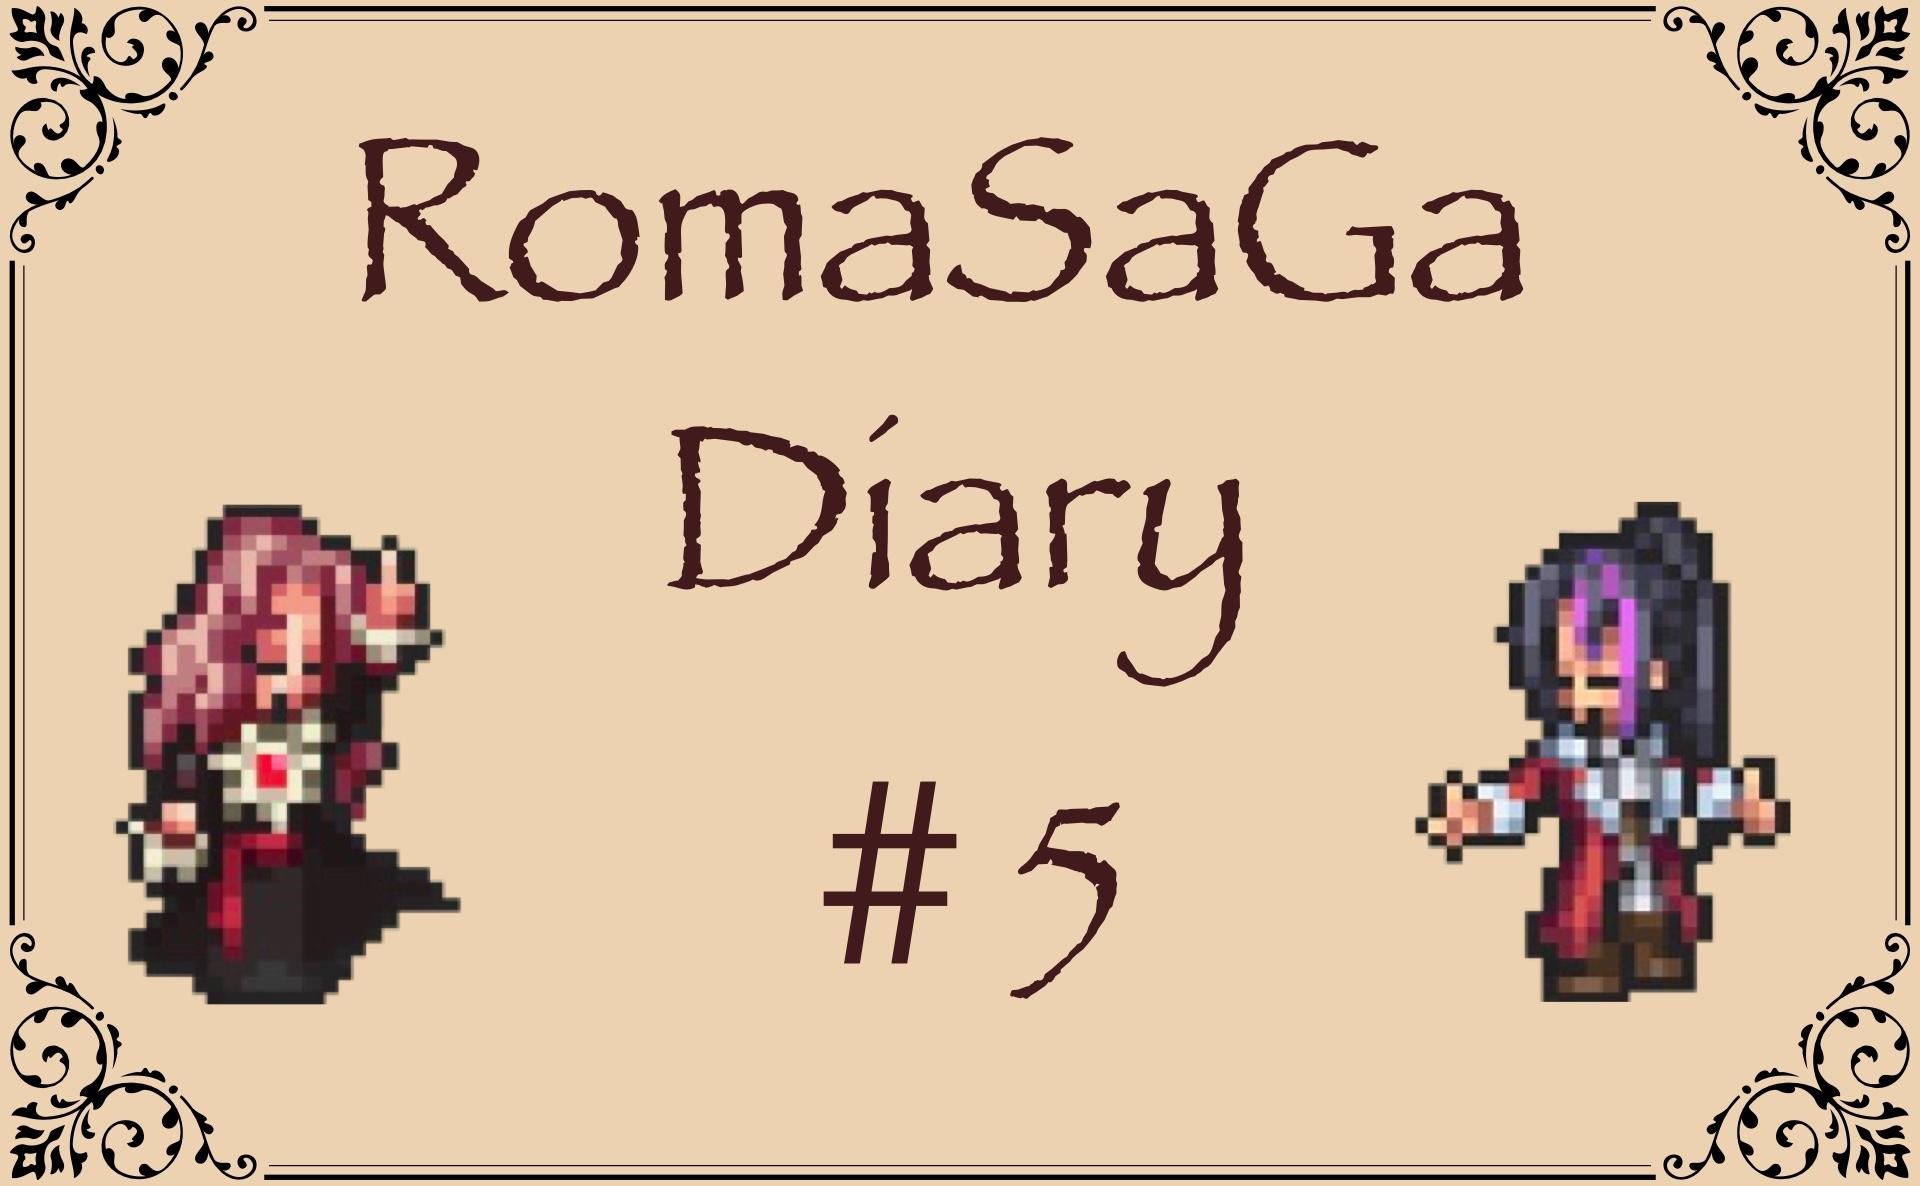 ロマサガDiary#5